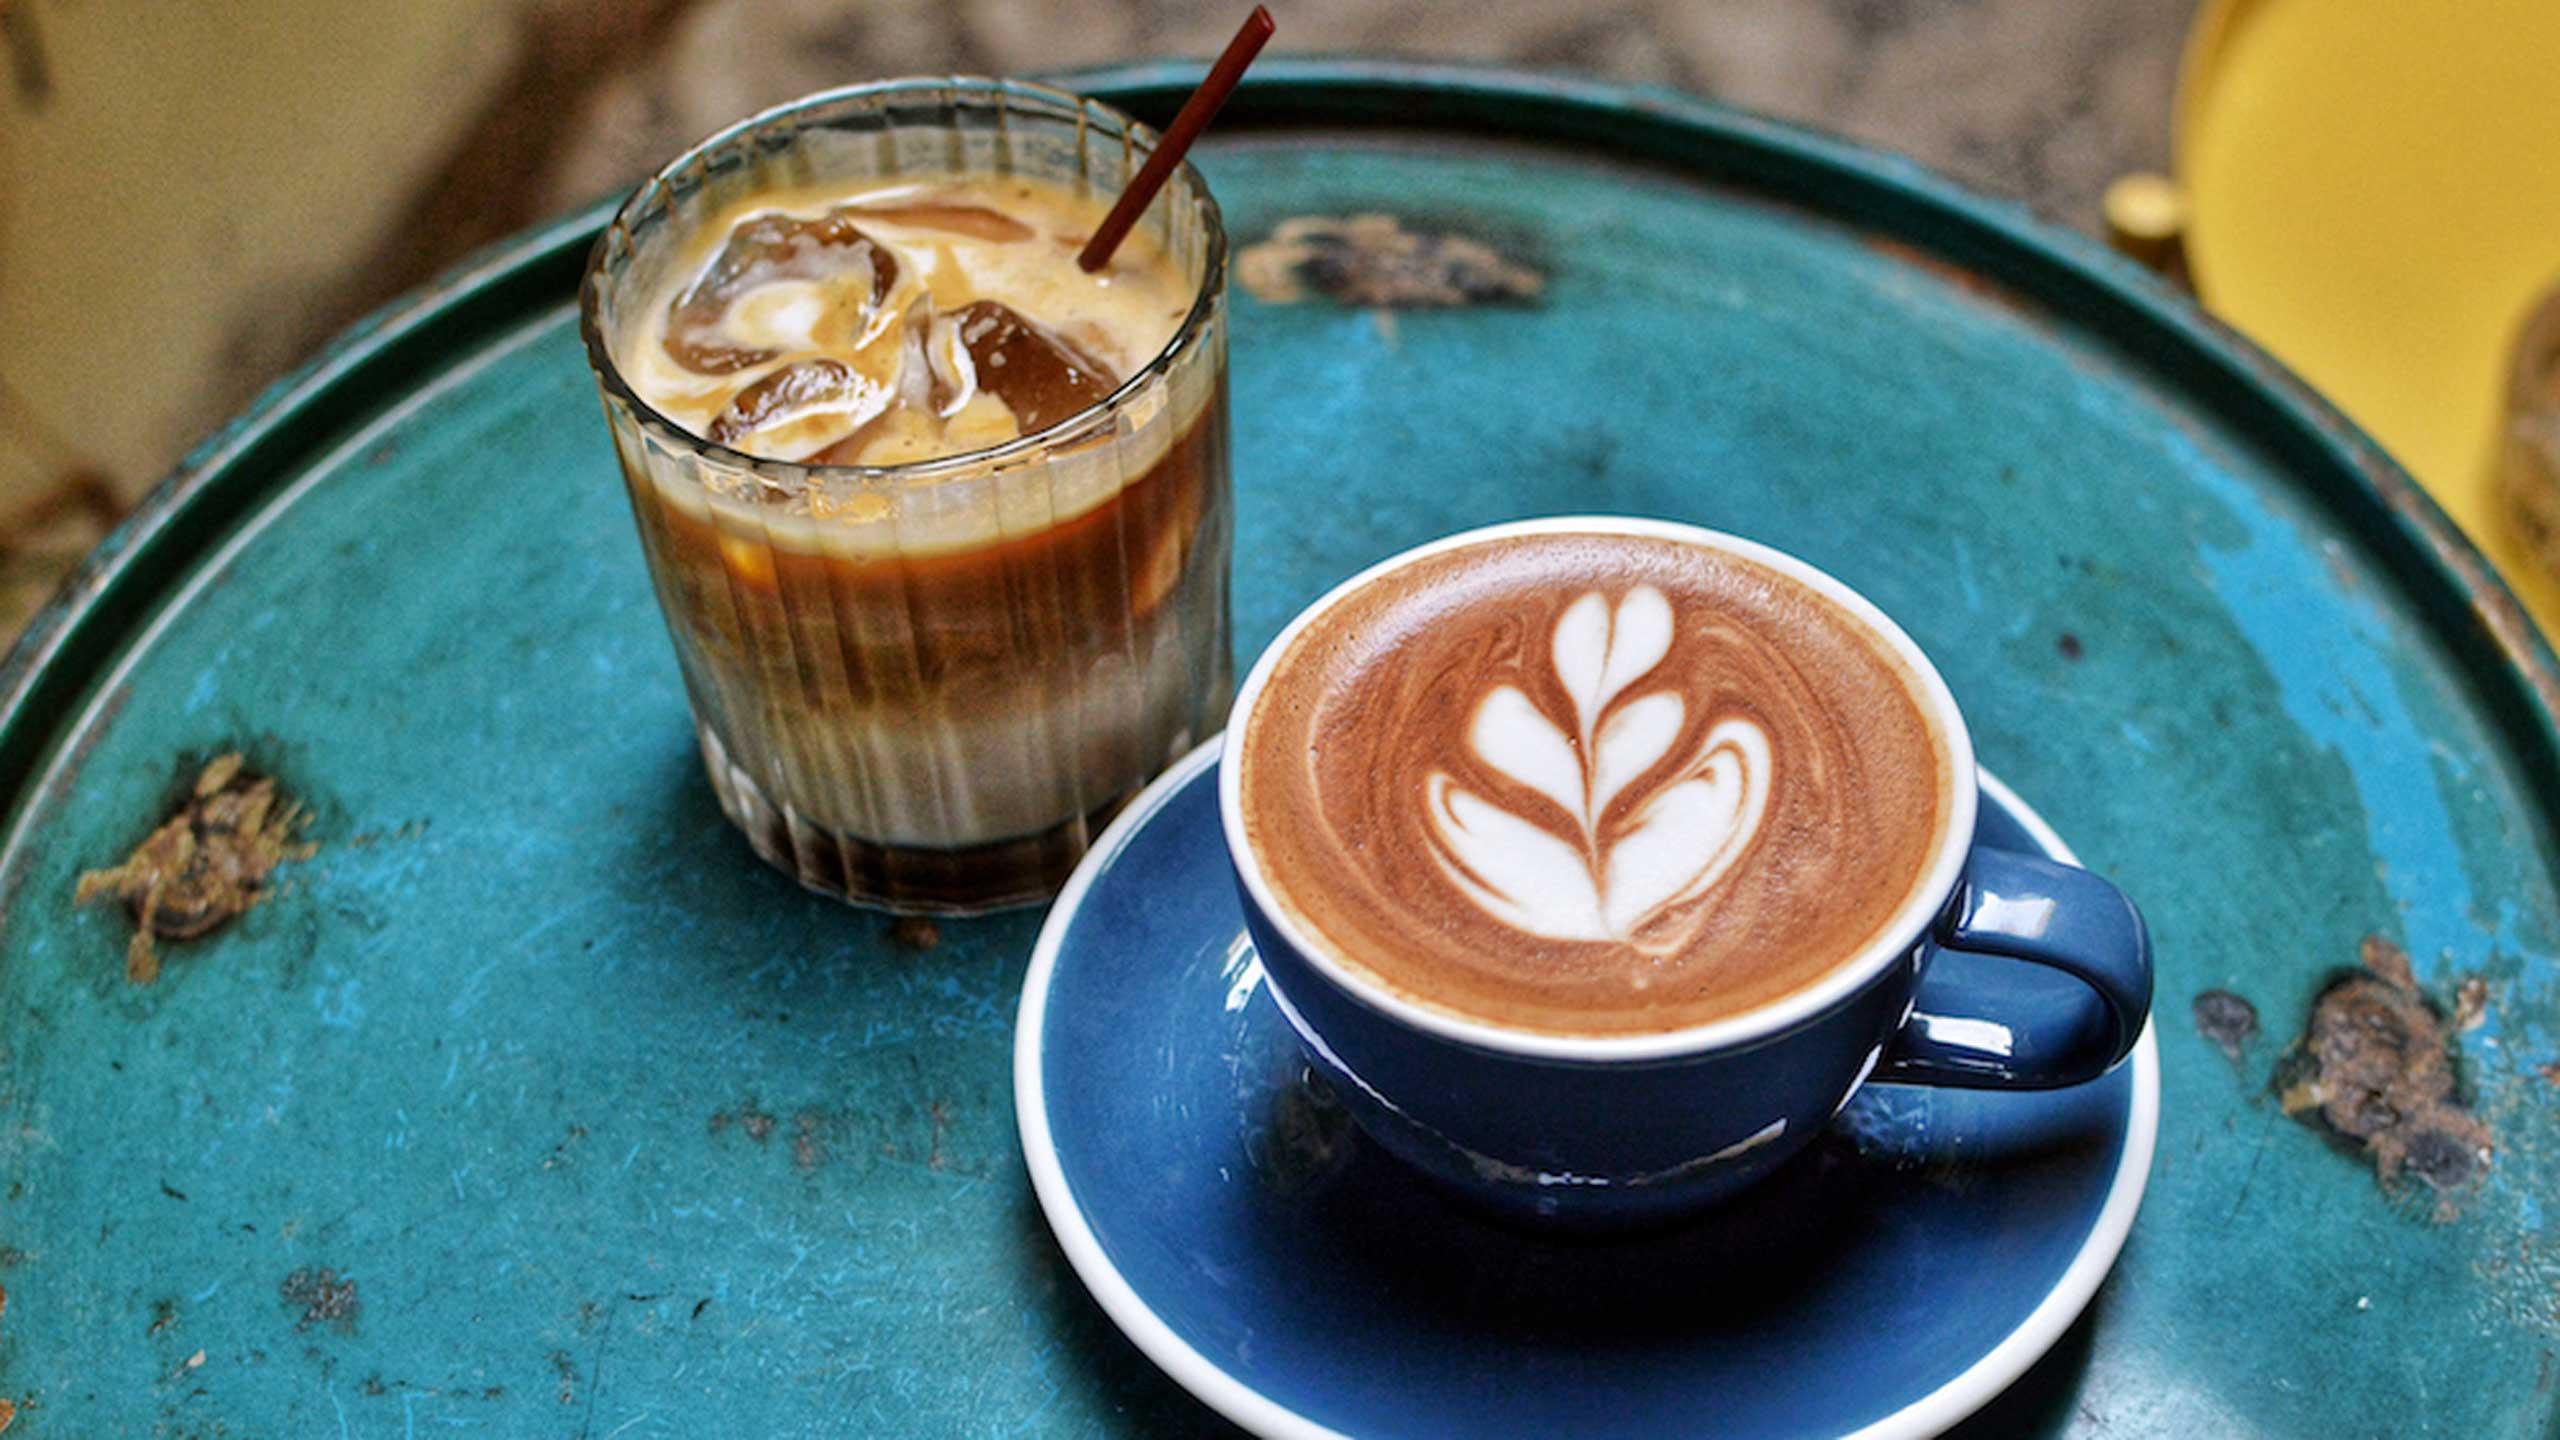 taza de café con leche a un costado de un vaso con carajillo